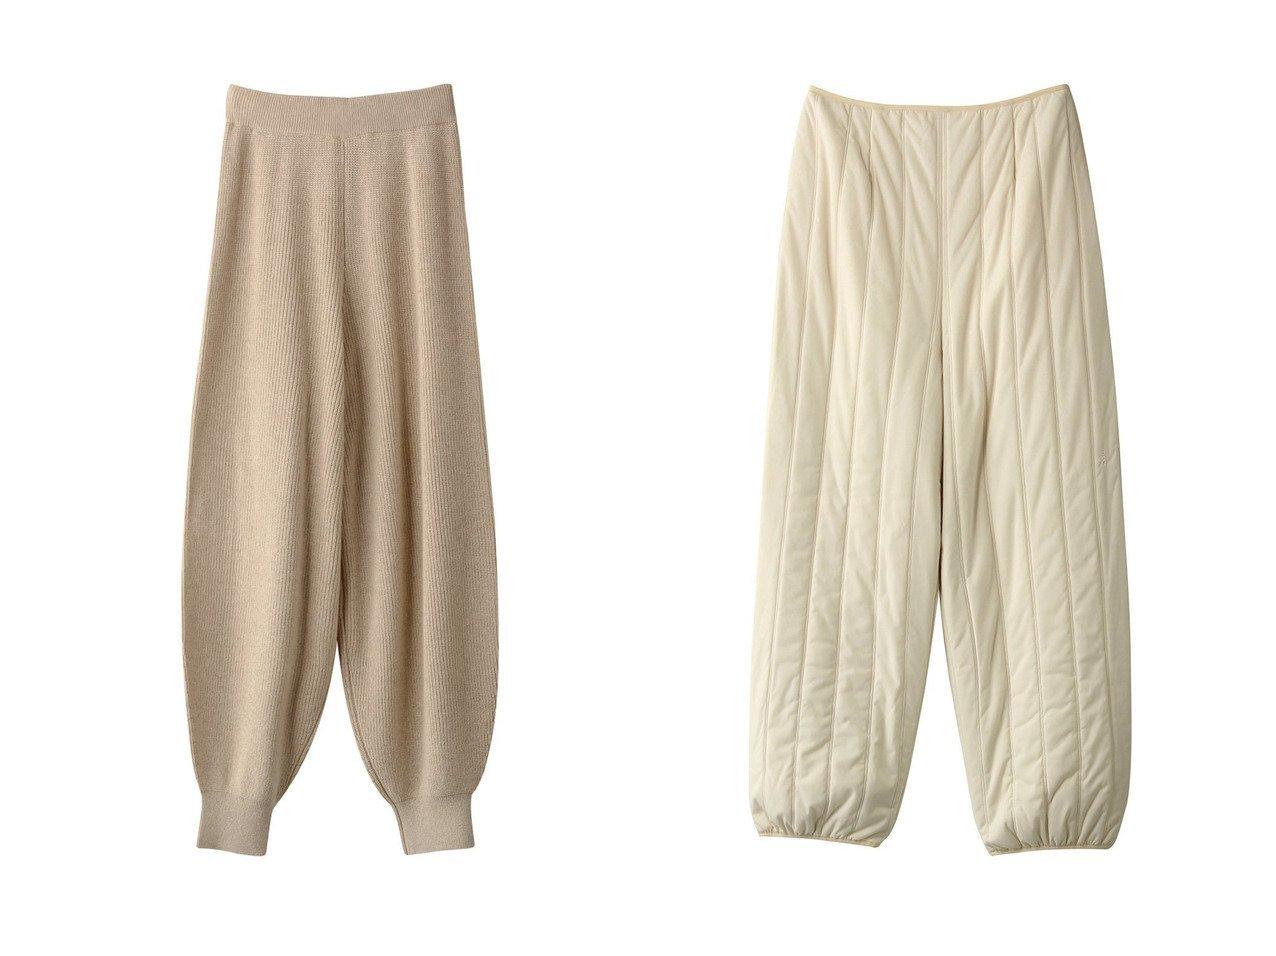 【nagonstans/ナゴンスタンス】のSUPERB RIBバルーンパンツ&Light Quilting コクーンパンツ 【パンツ】おすすめ!人気、トレンド・レディースファッションの通販 おすすめで人気の流行・トレンド、ファッションの通販商品 インテリア・家具・メンズファッション・キッズファッション・レディースファッション・服の通販 founy(ファニー) https://founy.com/ ファッション Fashion レディースファッション WOMEN パンツ Pants おすすめ Recommend セットアップ バルーン アウトドア キルティング コーティング ストライプ ストレッチ |ID:crp329100000069119